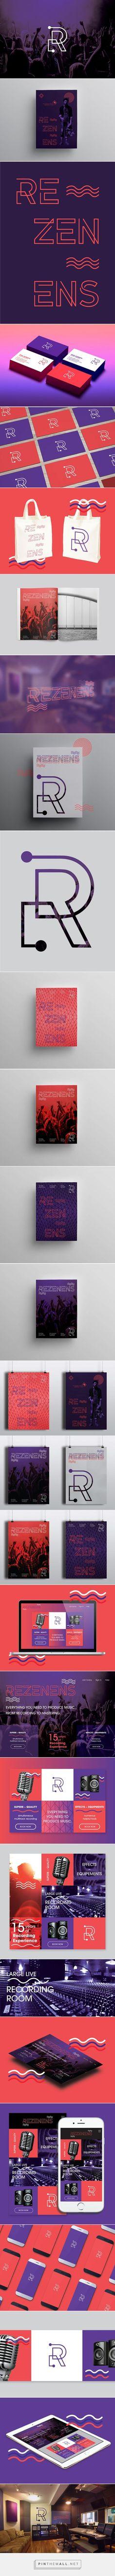 REZENENS Branding on Behance | Fivestar Branding – Design and Branding Agency & Inspiration Gallery